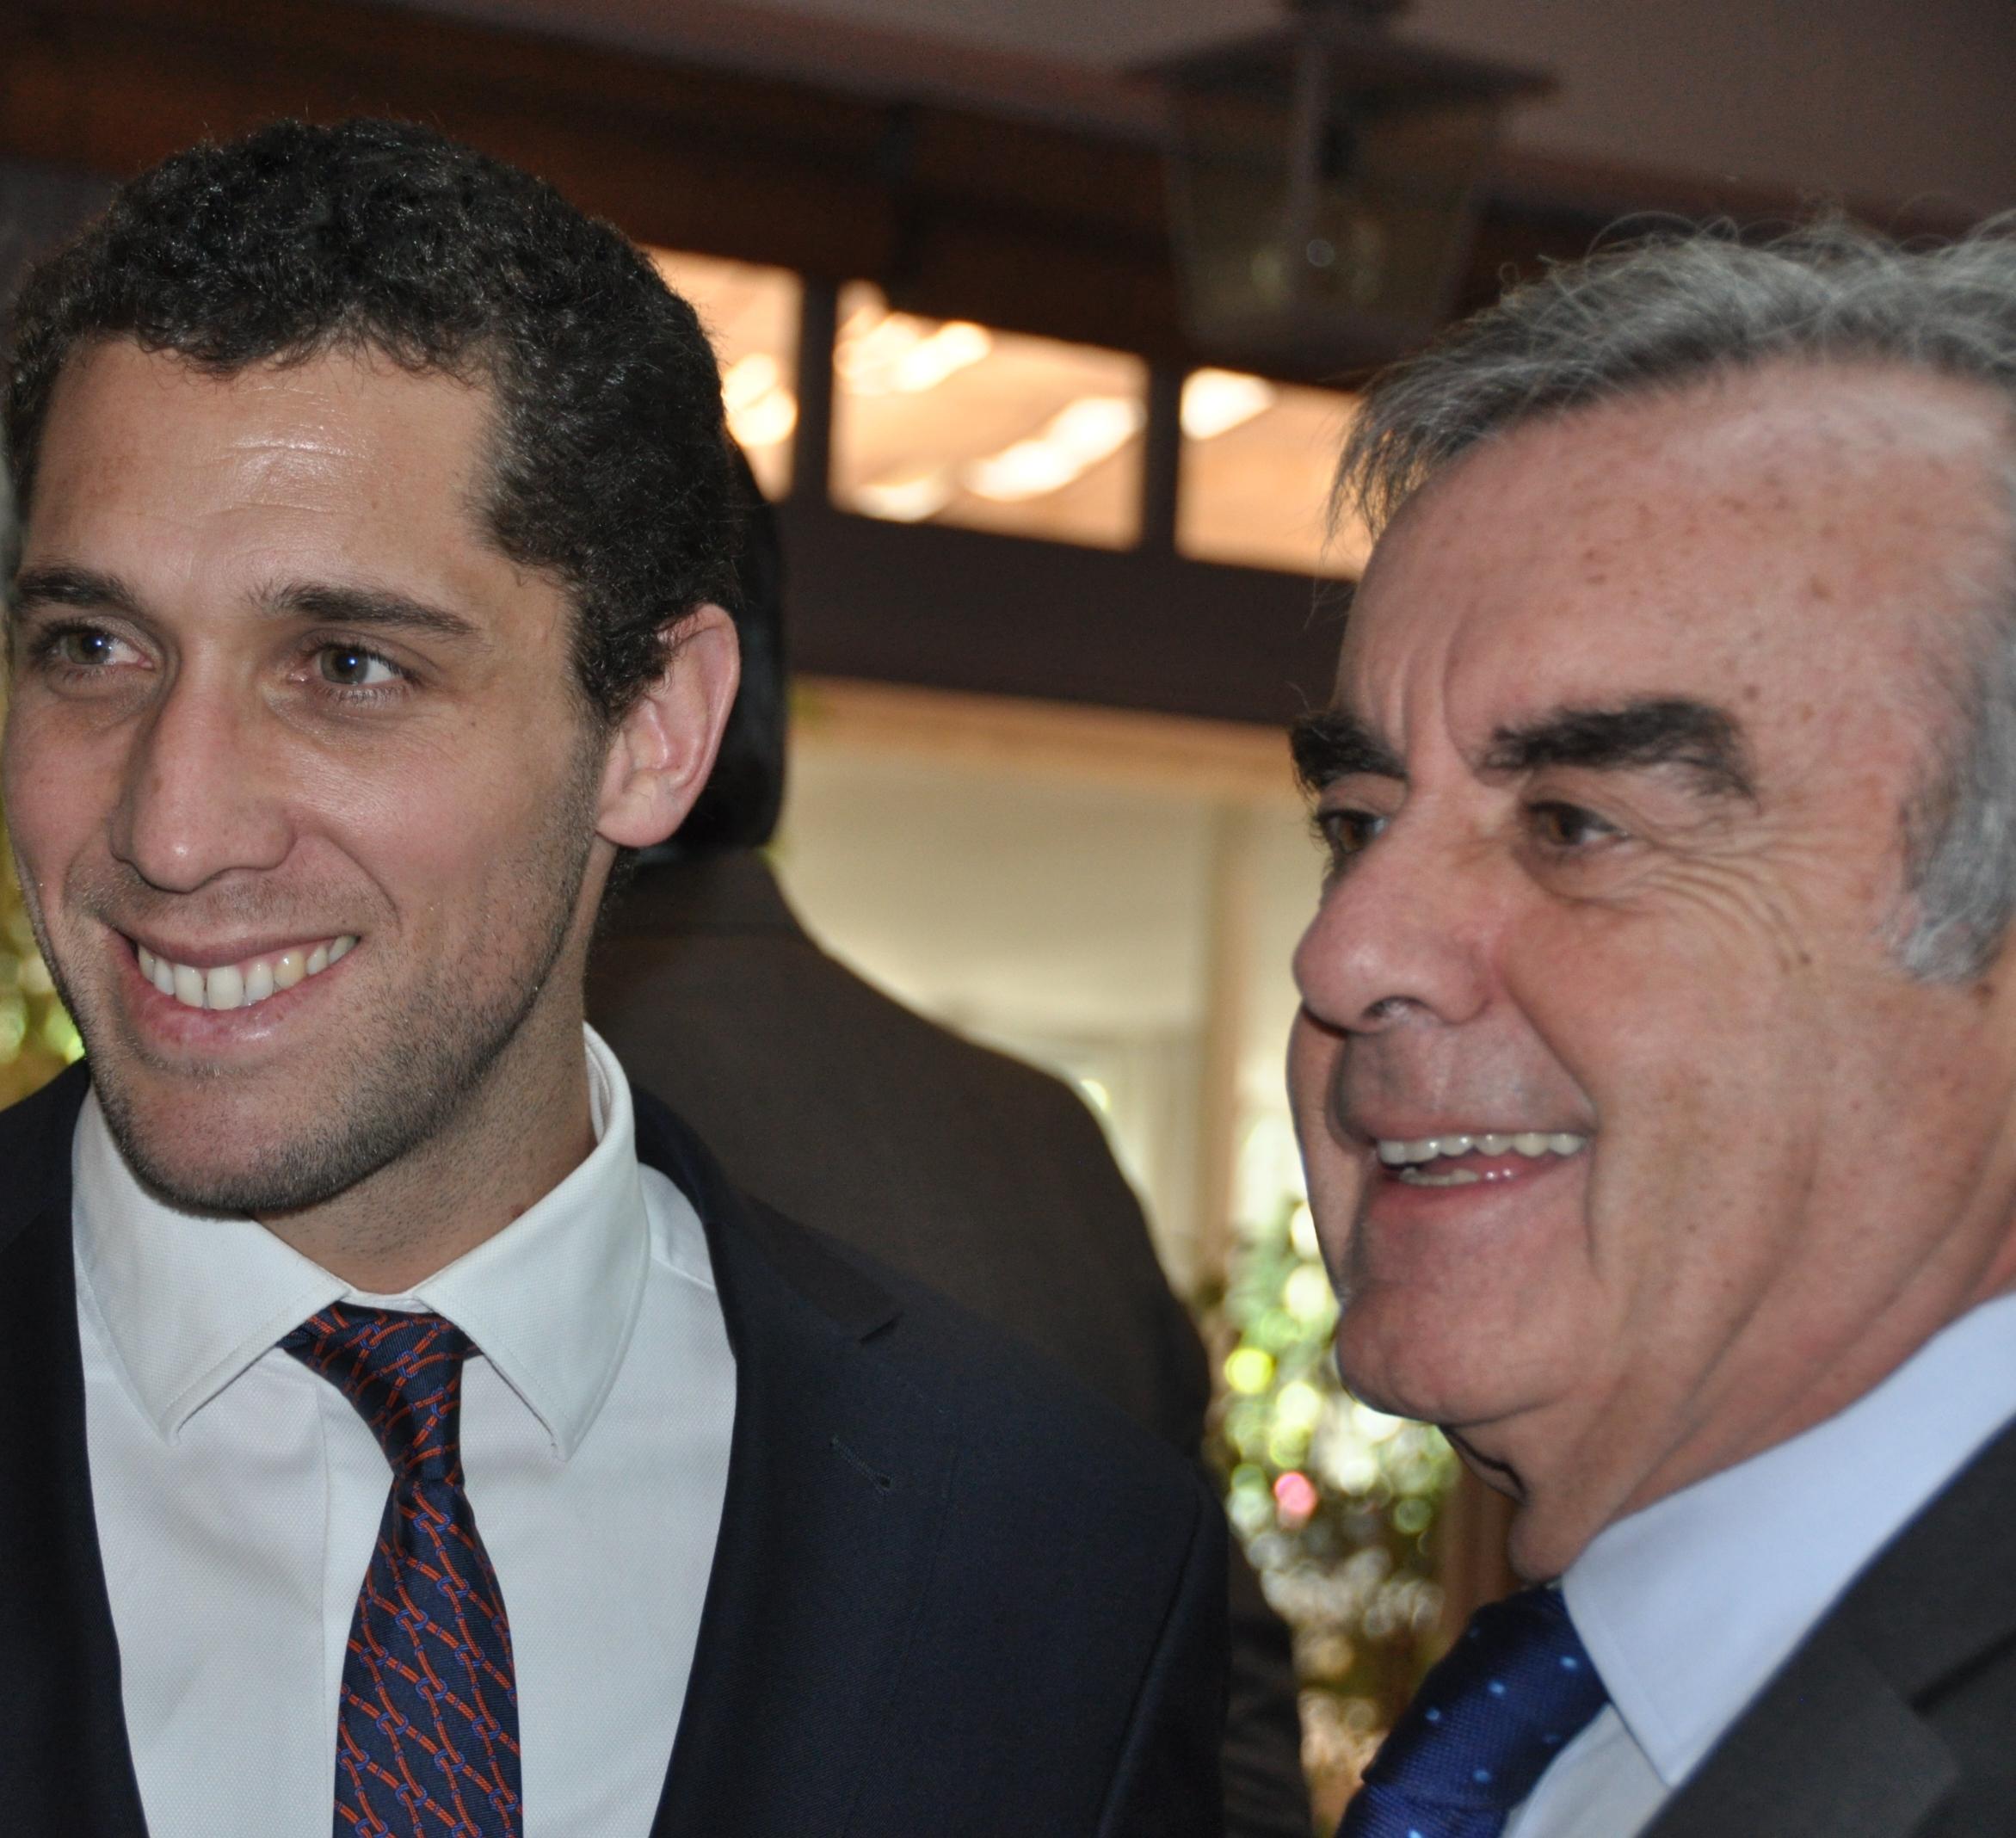 Jorge Pizarro Y Alfonso Merry del Val